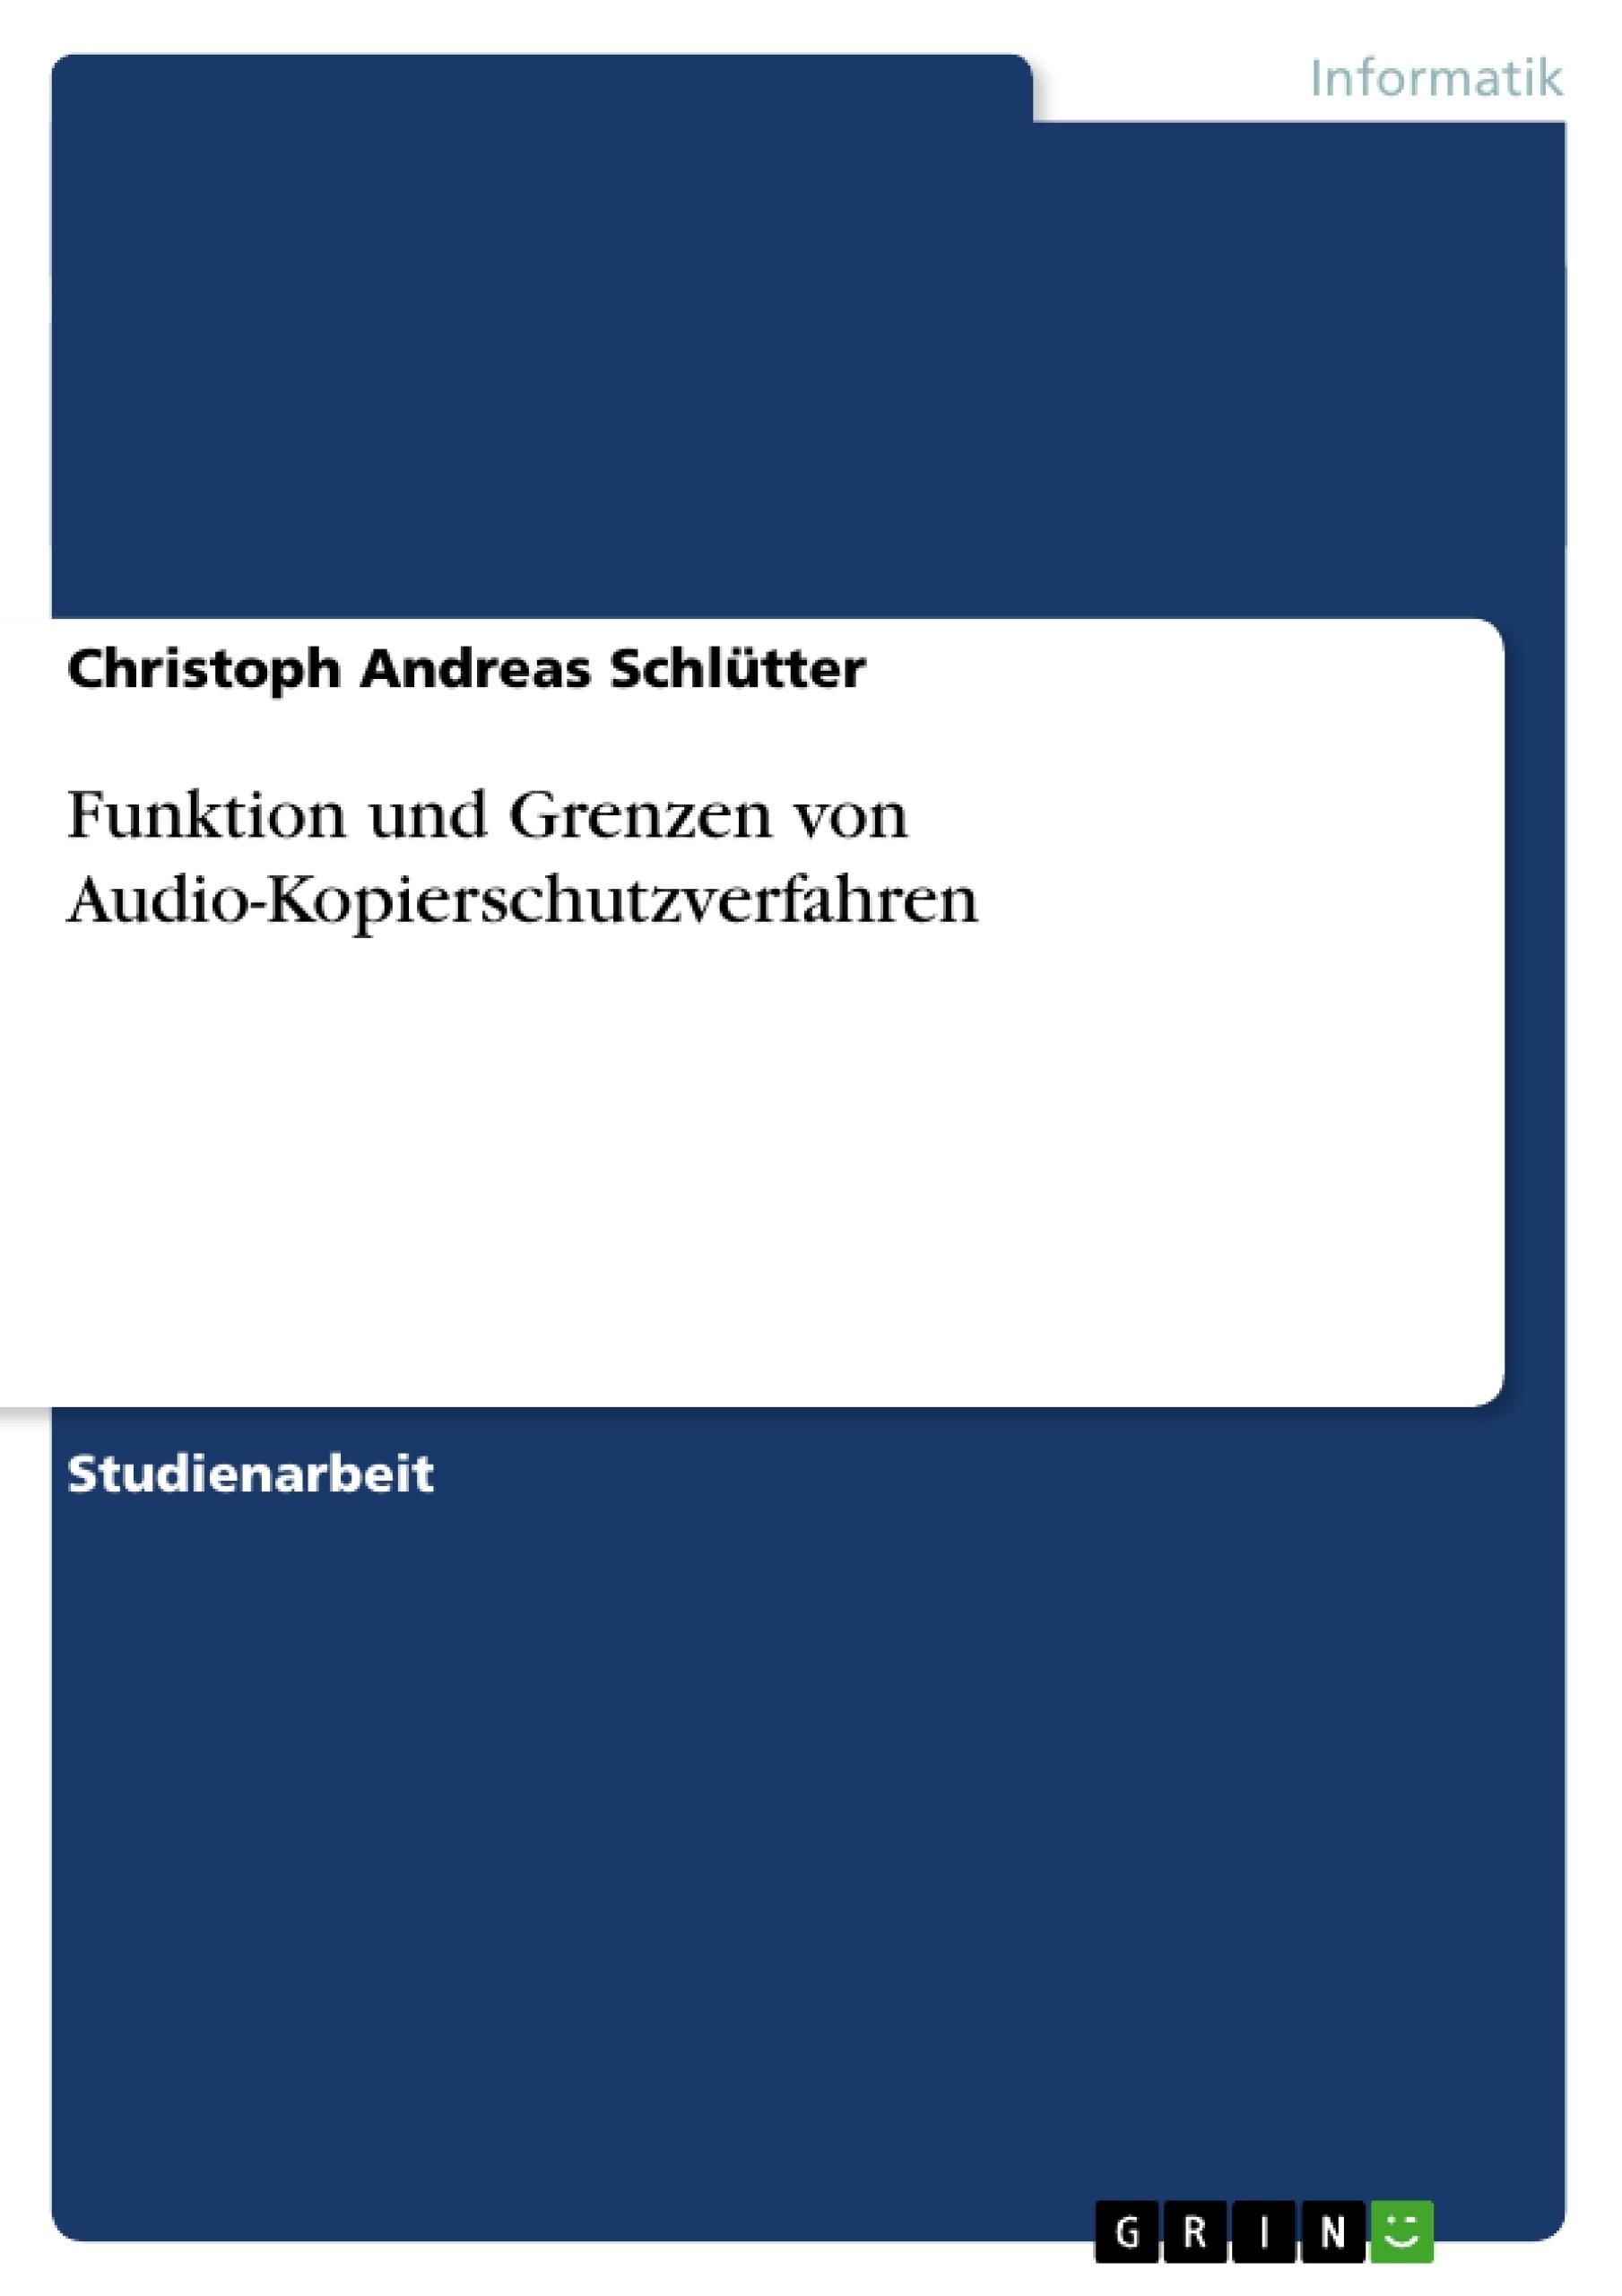 Titel: Funktion und Grenzen von Audio-Kopierschutzverfahren